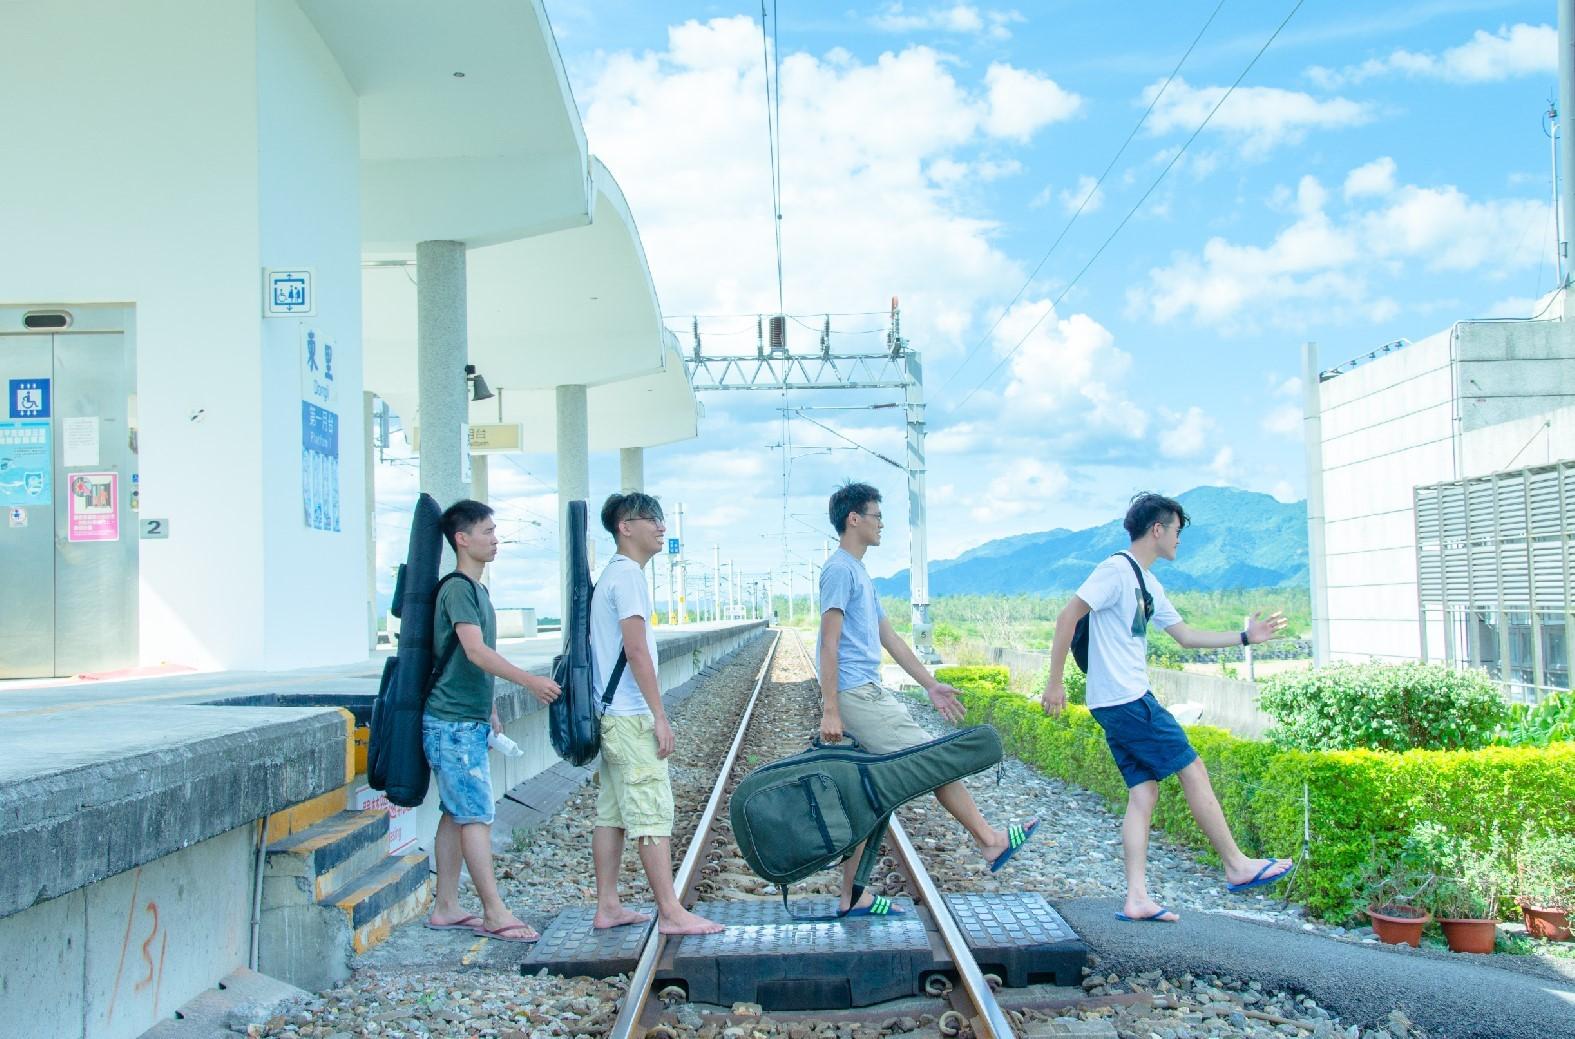 椅子Chairs'釋出新MV〈後山舞曲〉花絮@東里火車站。_01